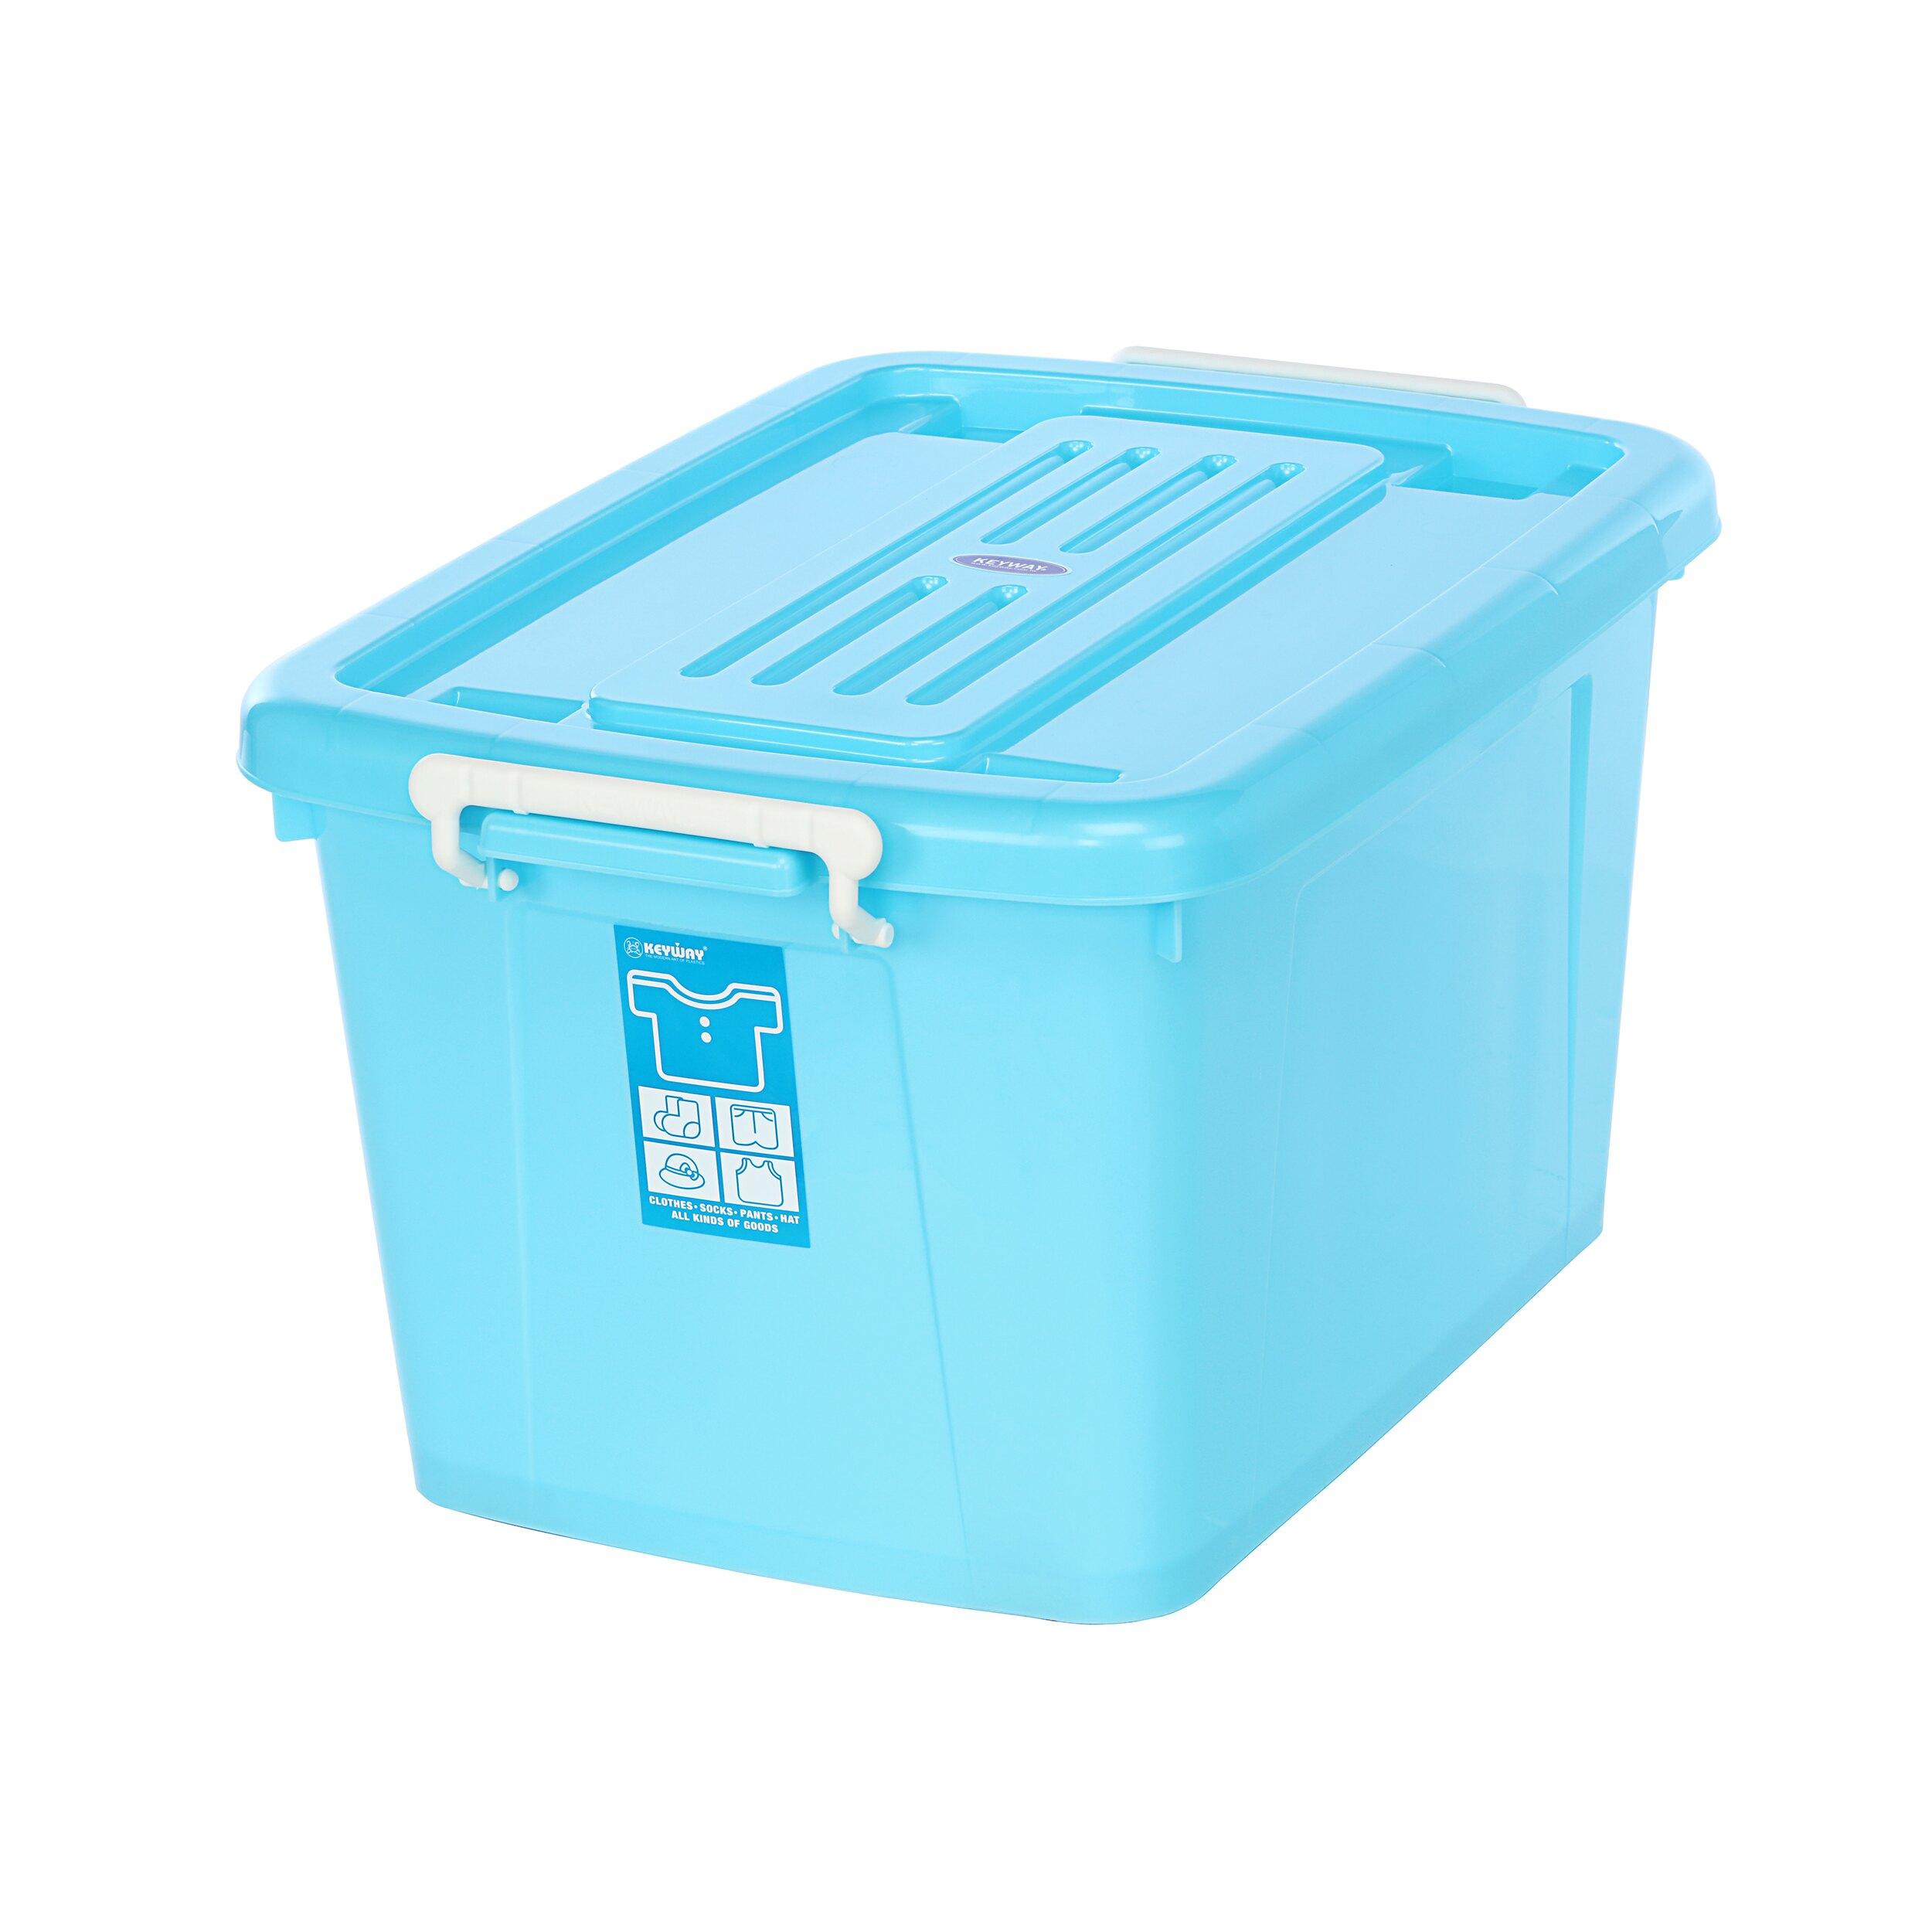 換季/衣物收納/滑輪整理箱/玩色高手/MIT台灣製造 銀采滑輪整理箱【藍】  AK600  KEYWAY聯府